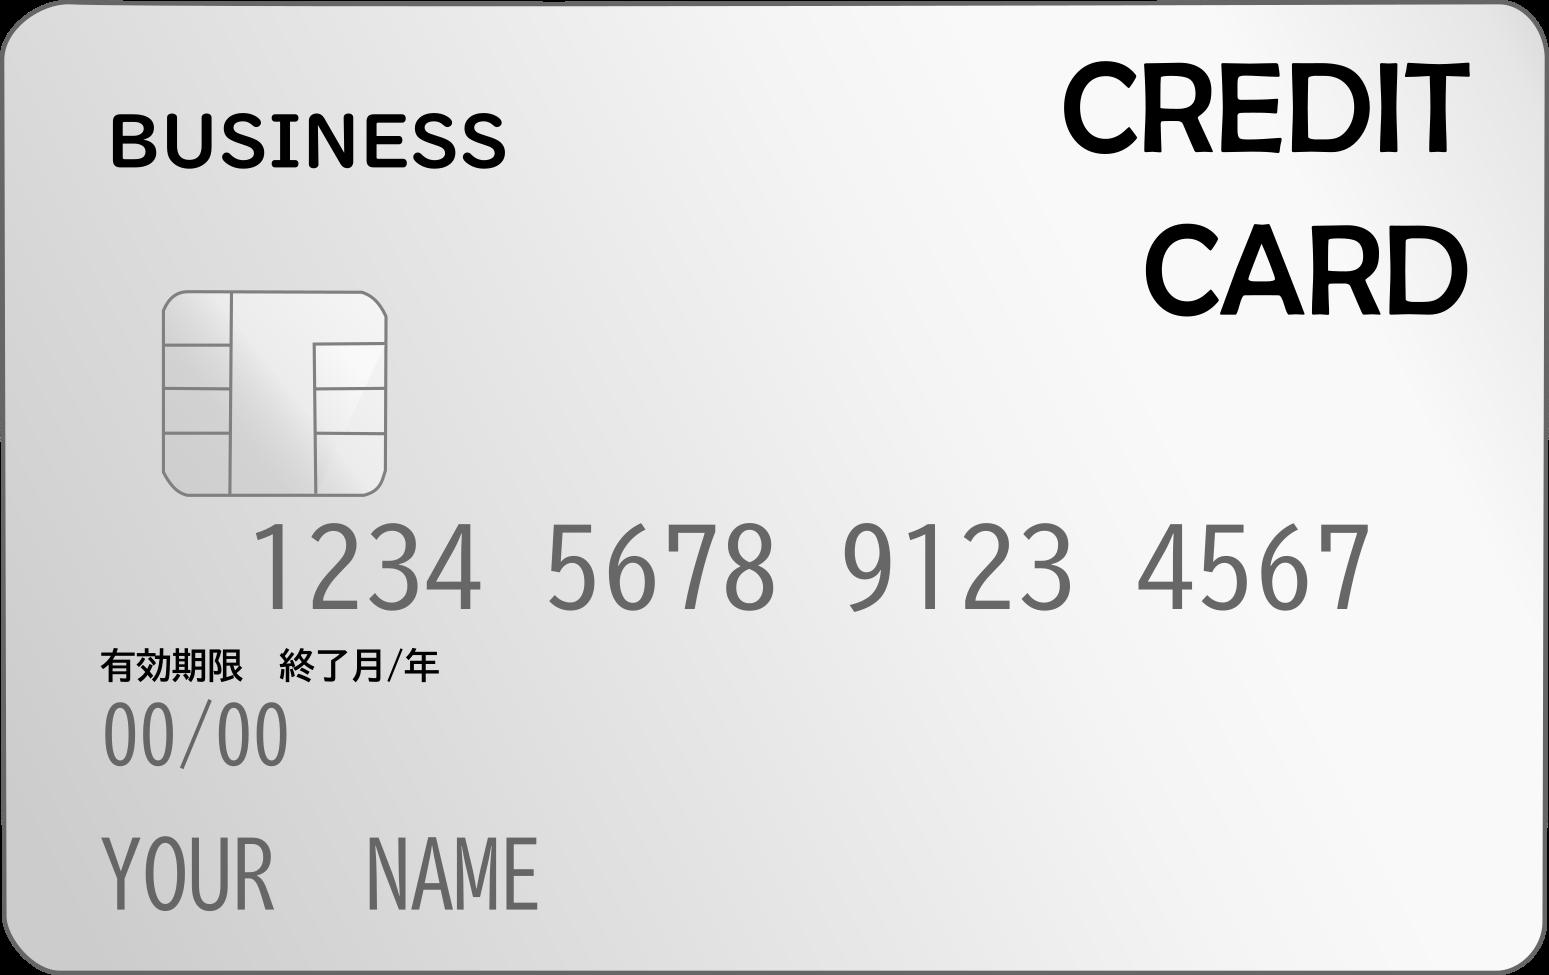 クレジットカード--モノクロ